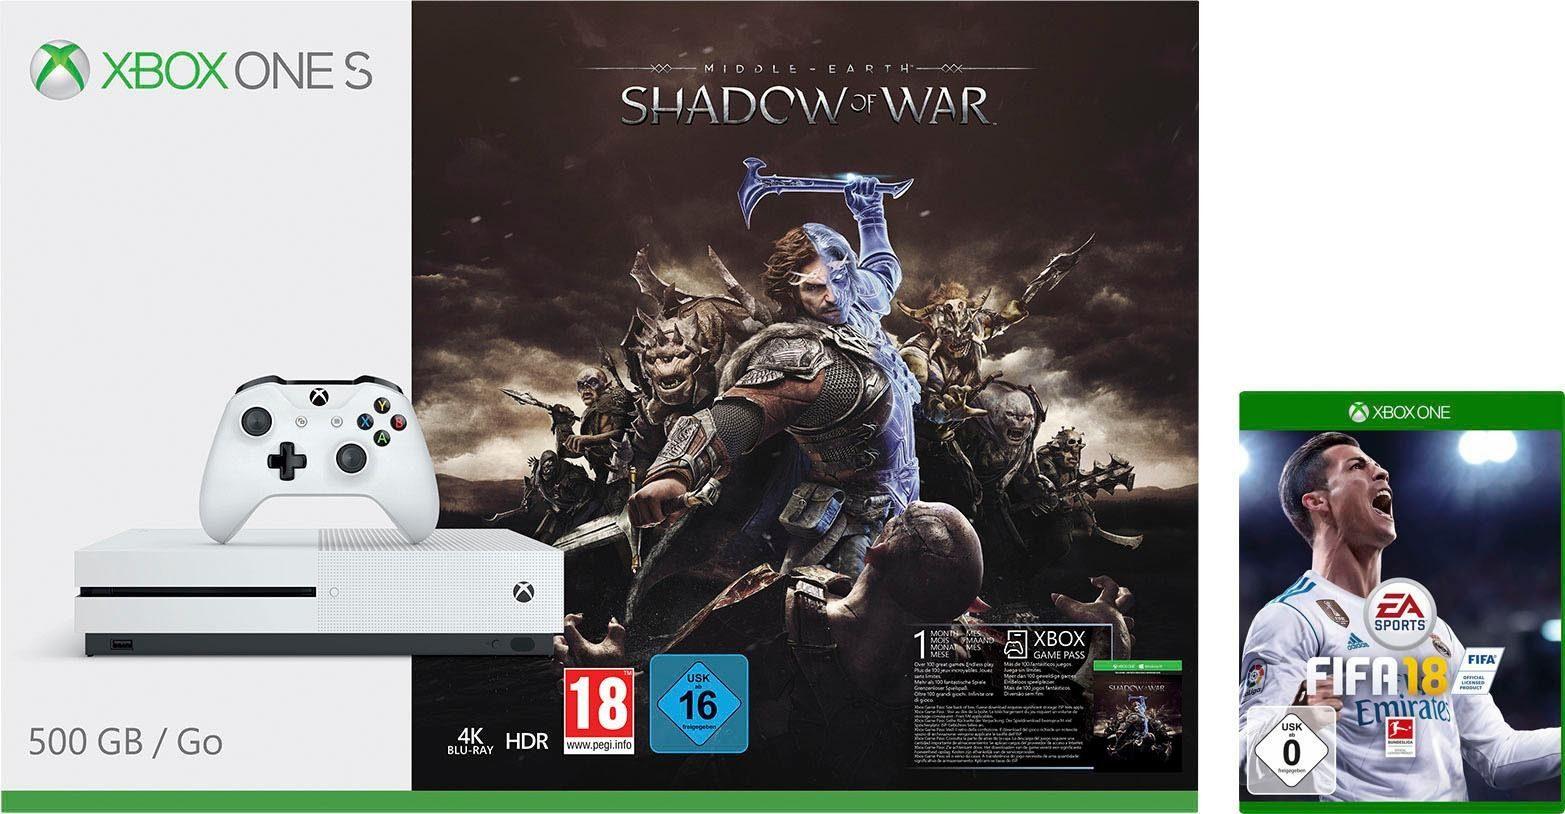 Xbox One S 500GB + Mittelerde: Schatten des Krieges + FIFA 18 für 185,94€ (Otto)